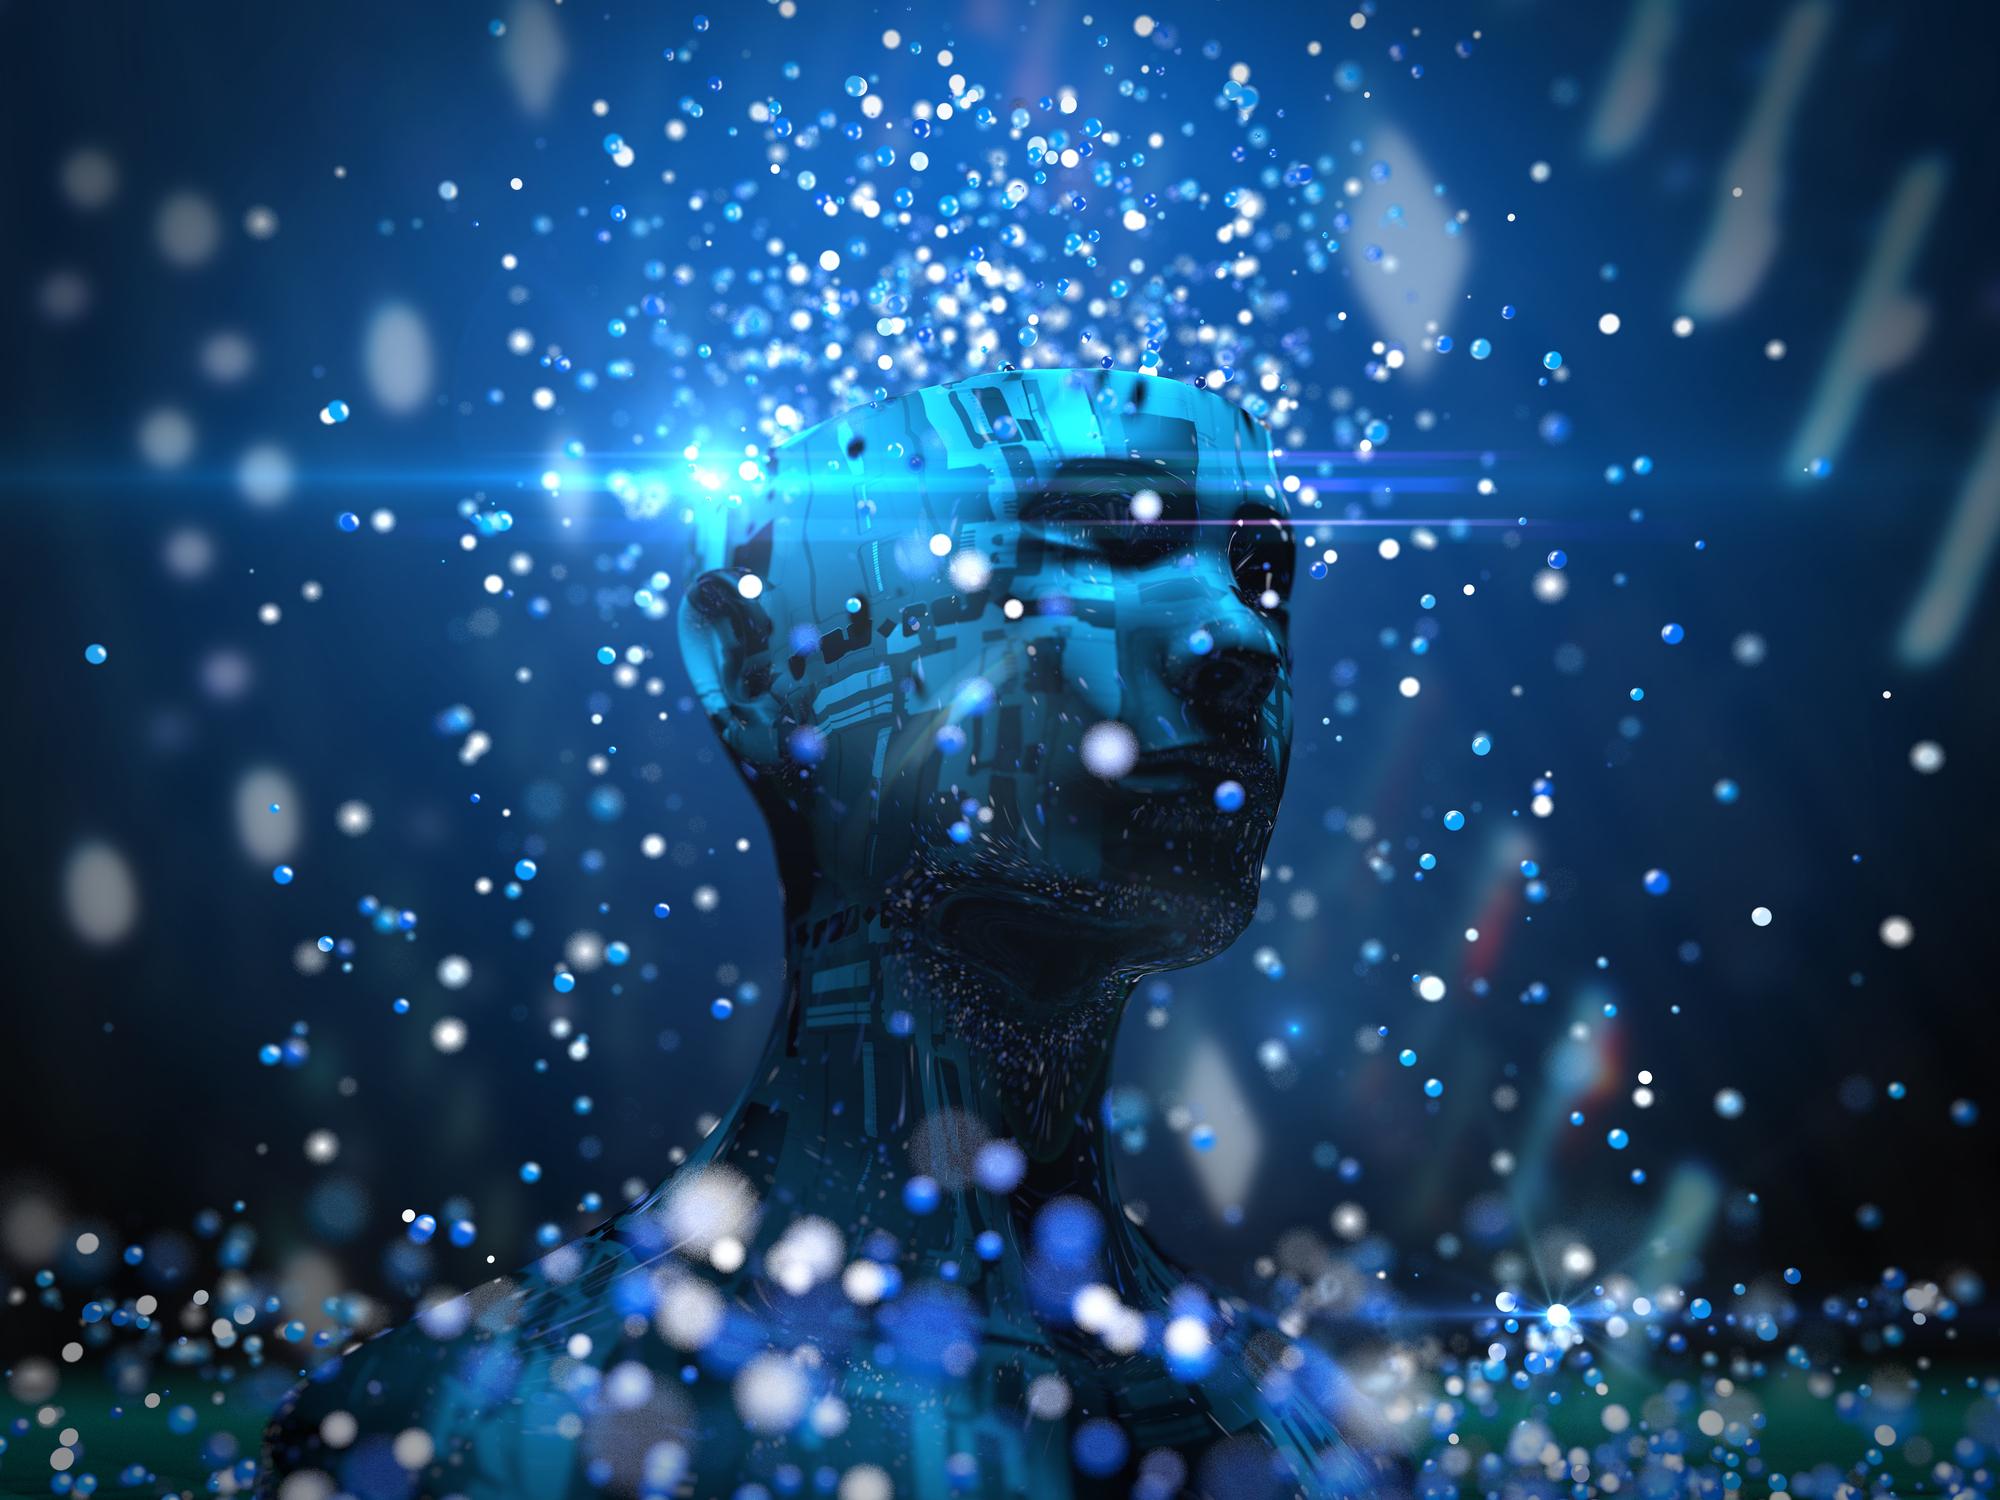 Juridisch Advies inzake AI, Robotica, Big Data, Cloud Computing, Deep Learning en Blockchain. Focus op Contracten en Intellectueel Eigendomsrecht.